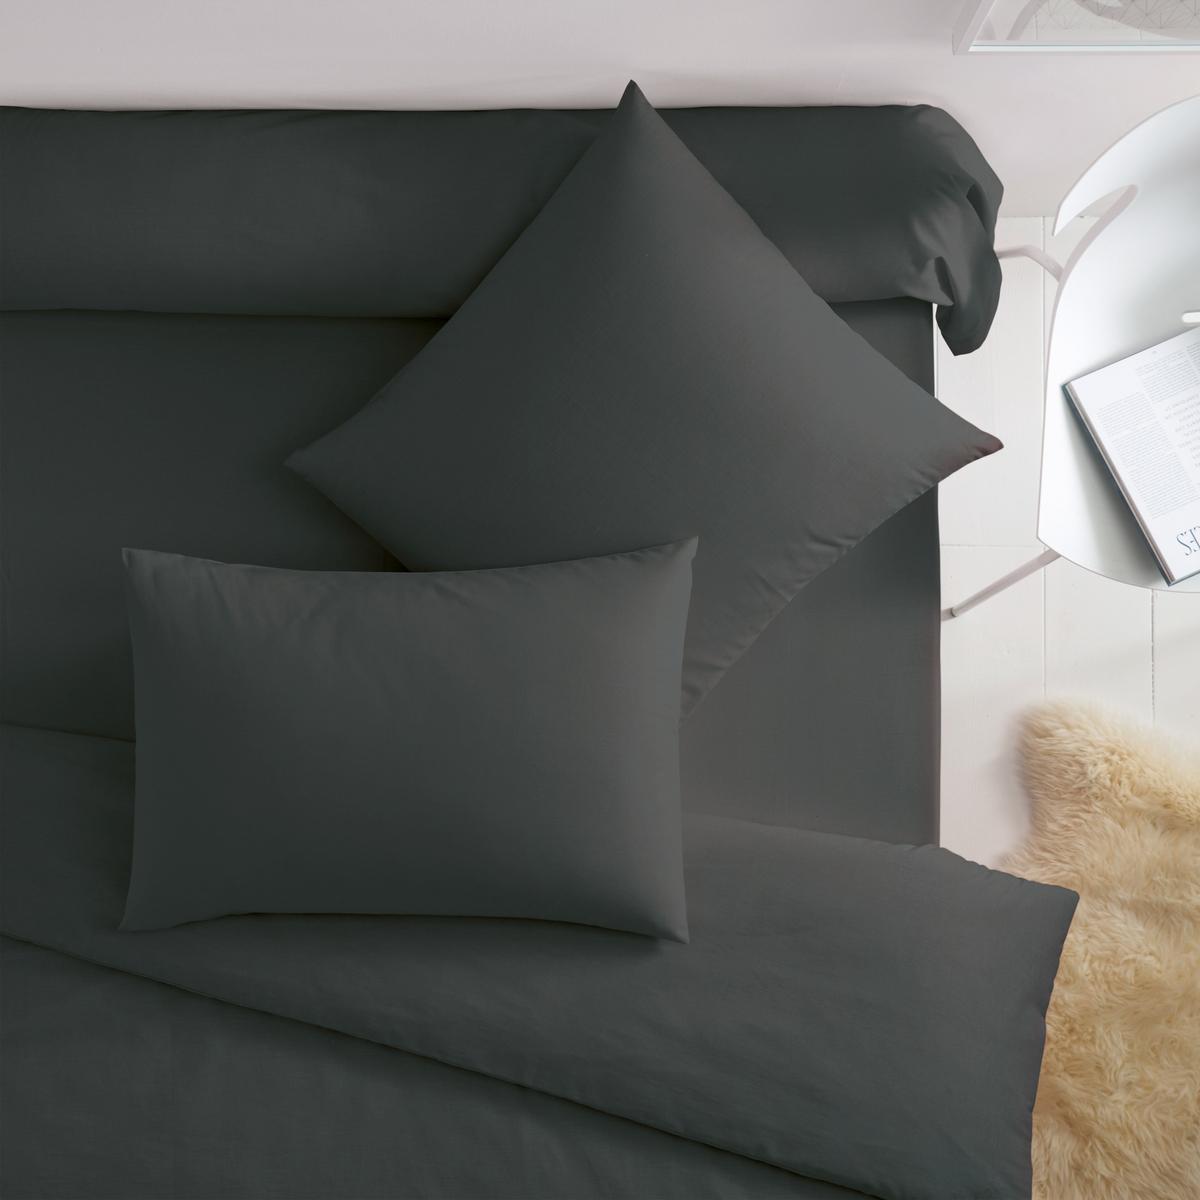 Наволочки из поликотонаКвадратная и прямоугольная наволочки из ткани 50% хлопка, 50% полиэстера плотного переплетения (57 нитей/см?) : длительный комфорт, отличная прочность. Чем больше плотность переплетения нитей/см?, тем качественнее материал.Характеристики наволочек из поликоттона без волана:- Наволочки (квадратная или прямоугольная) имеют широкий клапан для надёжного удерживания подушки.- В форме чехла, без воланов .- Отличная стойкость цветов к стиркам (60 °C), быстрая сушка, глажка не требуется.                                                                                                                                                                       Преимущества   : великолепная гамма очень современных оттенков для сочетания по желанию с простынями и пододеяльниками SCENARIO и рисунками коллекции. Знак Oeko-Tex® гарантирует, что товары протестированы и сертифицированы, не содержат вредных веществ, которые могли бы нанести вред здоровью.                                                                                                          Наволочка :50 x 70 см : прямоугольная наволочка63 x 63 см : квадратная наволочка                                                                                                                               Найдите другие предметы постельного белья SC?NARIO на нашем сайте<br><br>Цвет: темно-серый<br>Размер: 63 x 63  см